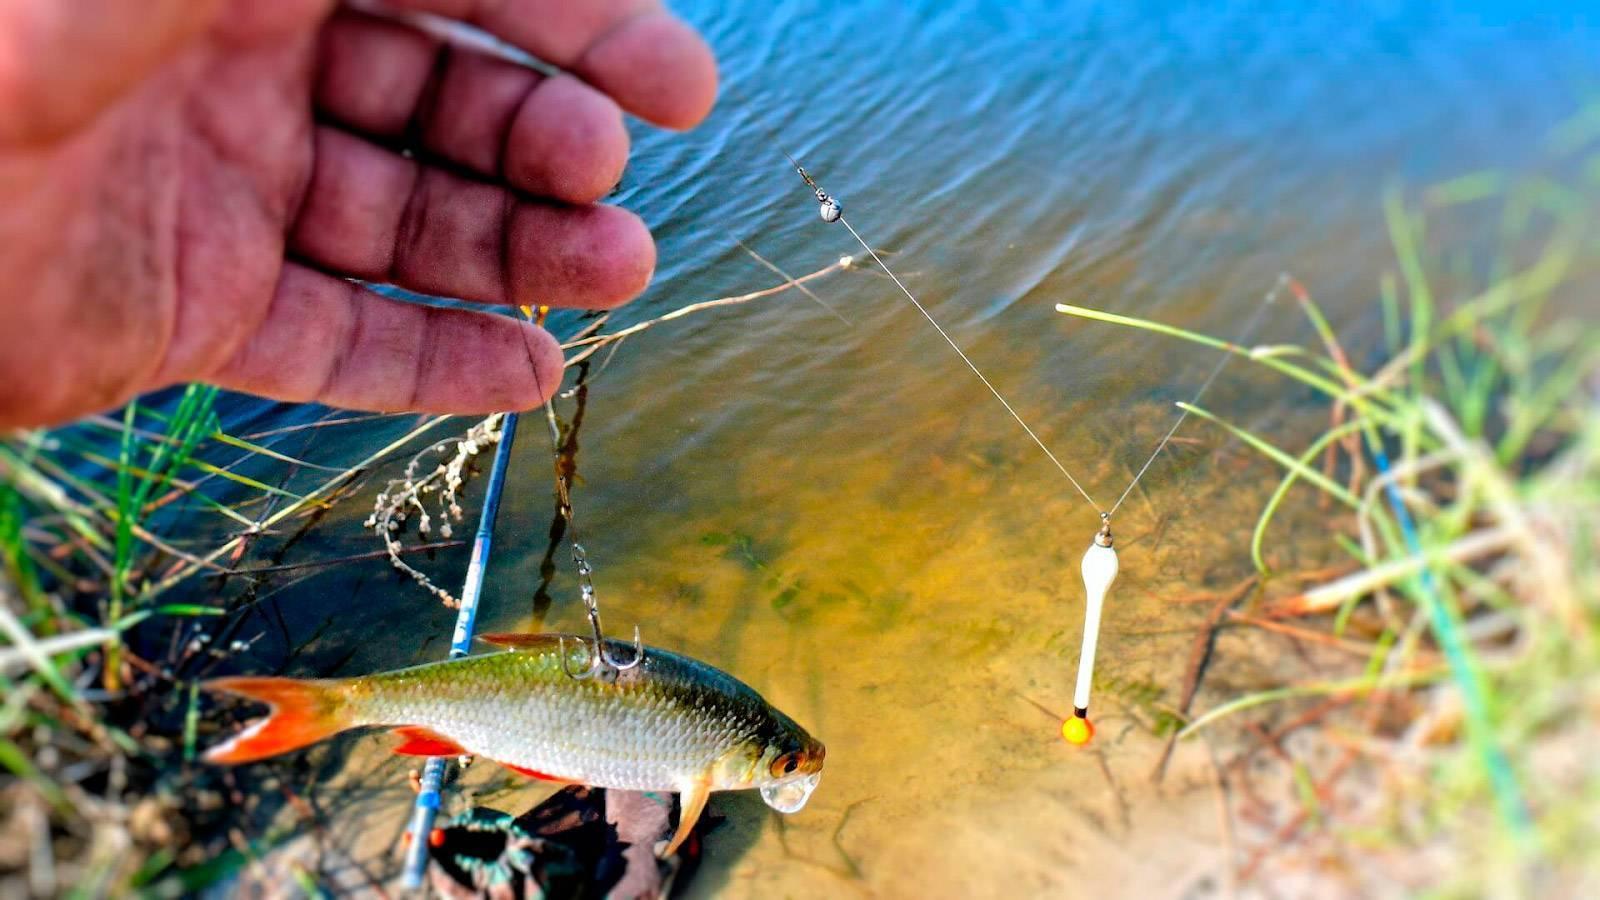 Рыбалка на щуку осенью, весной и летом на спиннинг: ловля рыбы в октябре, апреле и июле, какие нужны снасти и на что лучше клюет, видео как ловить в пруду